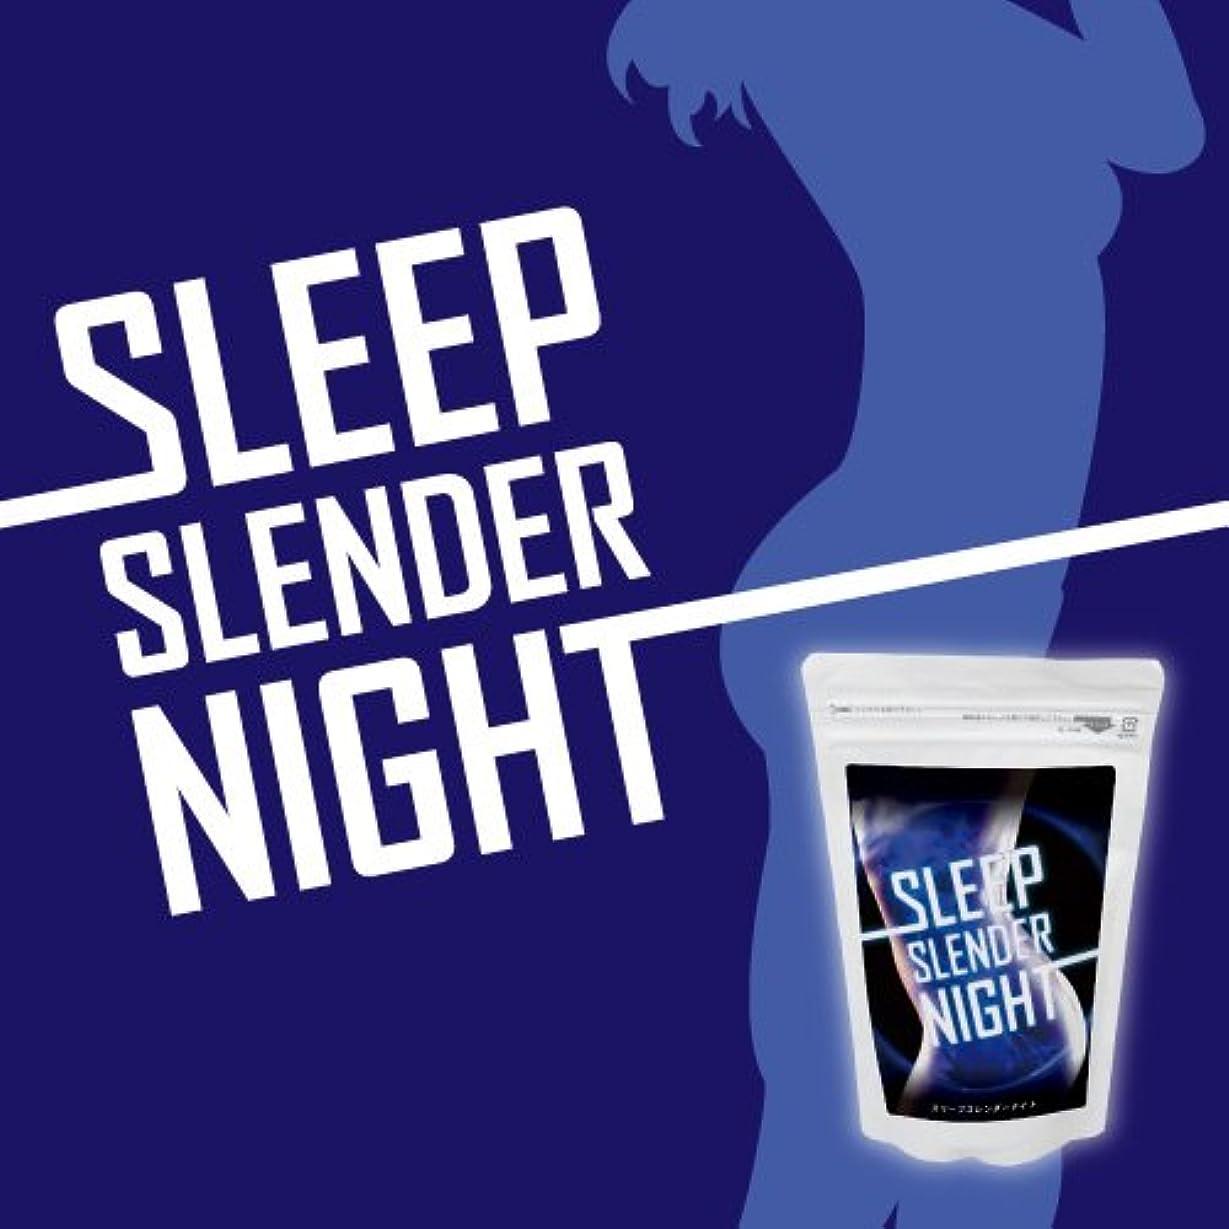 特許突撃料理Sleep Slender Night(スリープスレンダーナイト) ダイエット ダイエットサプリ 送料無料